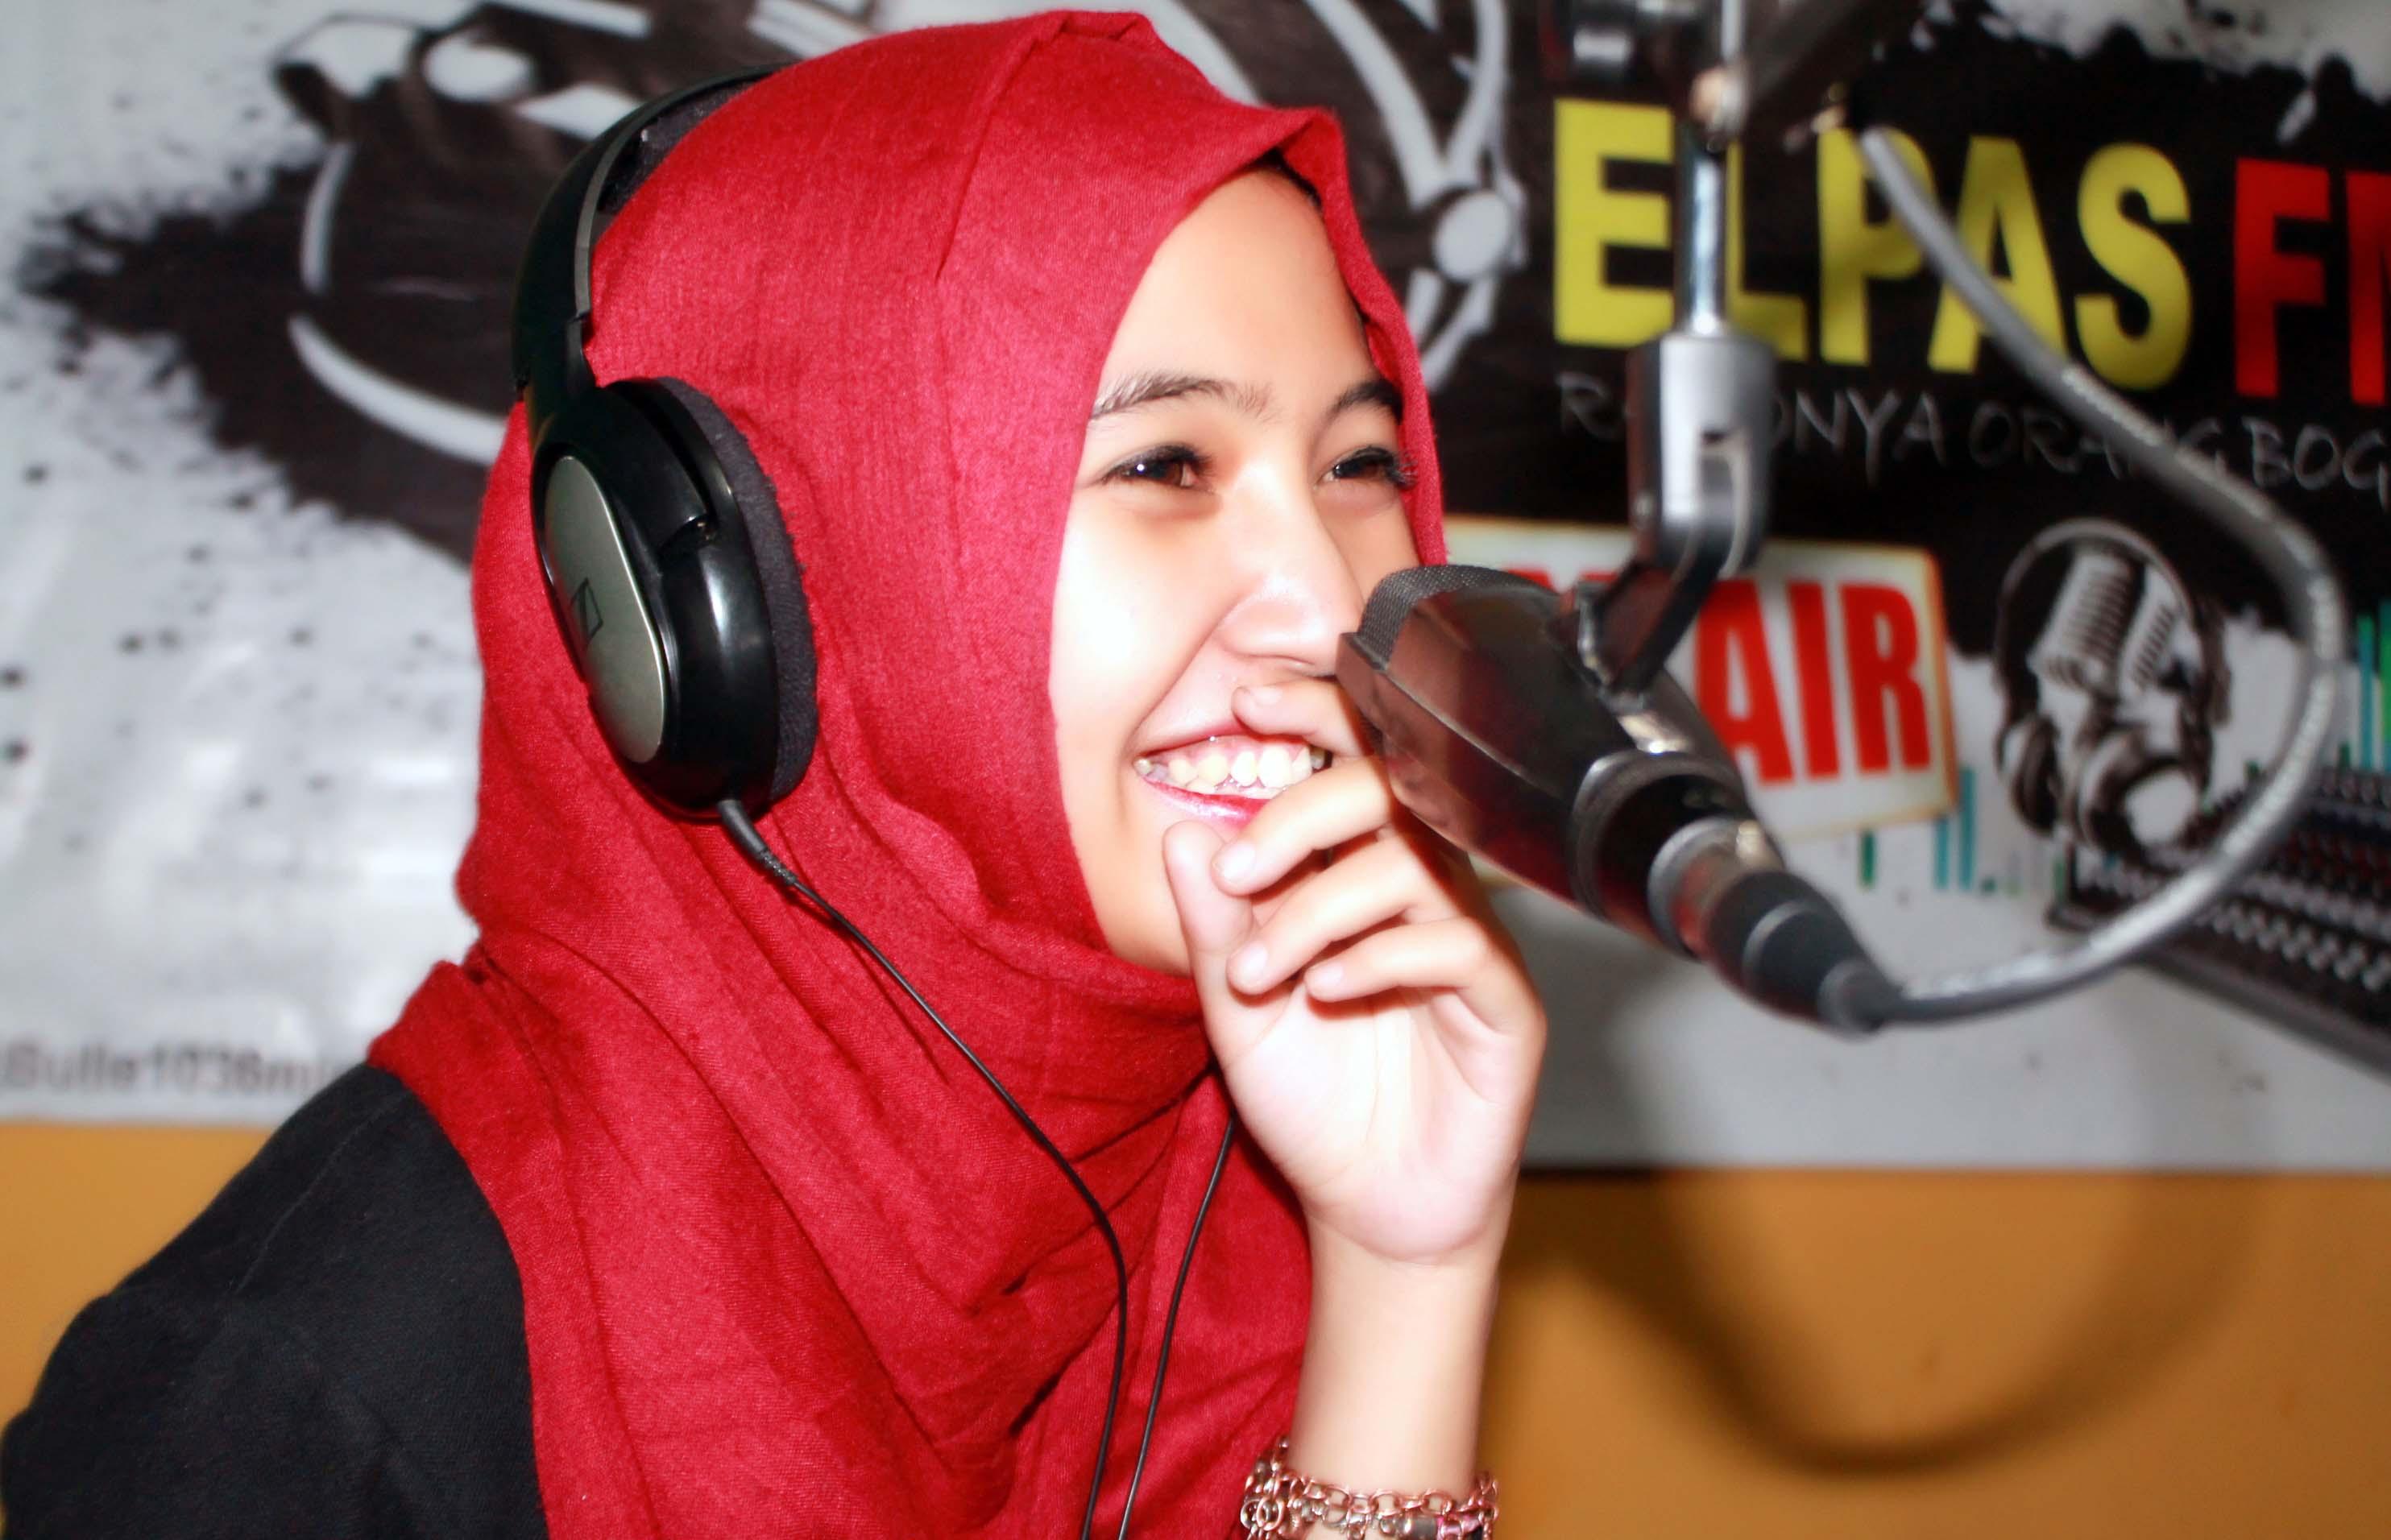 Elpas FM 103.6